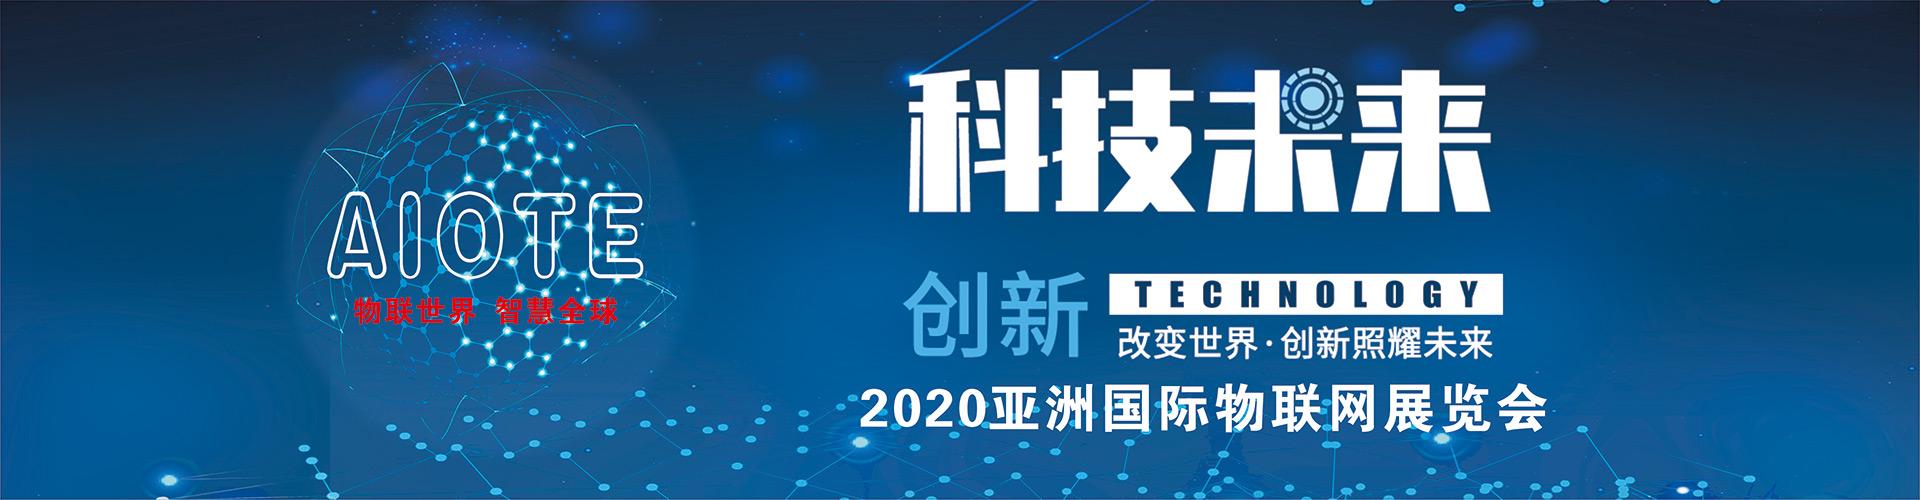 2020第十三届南京物联网展览会